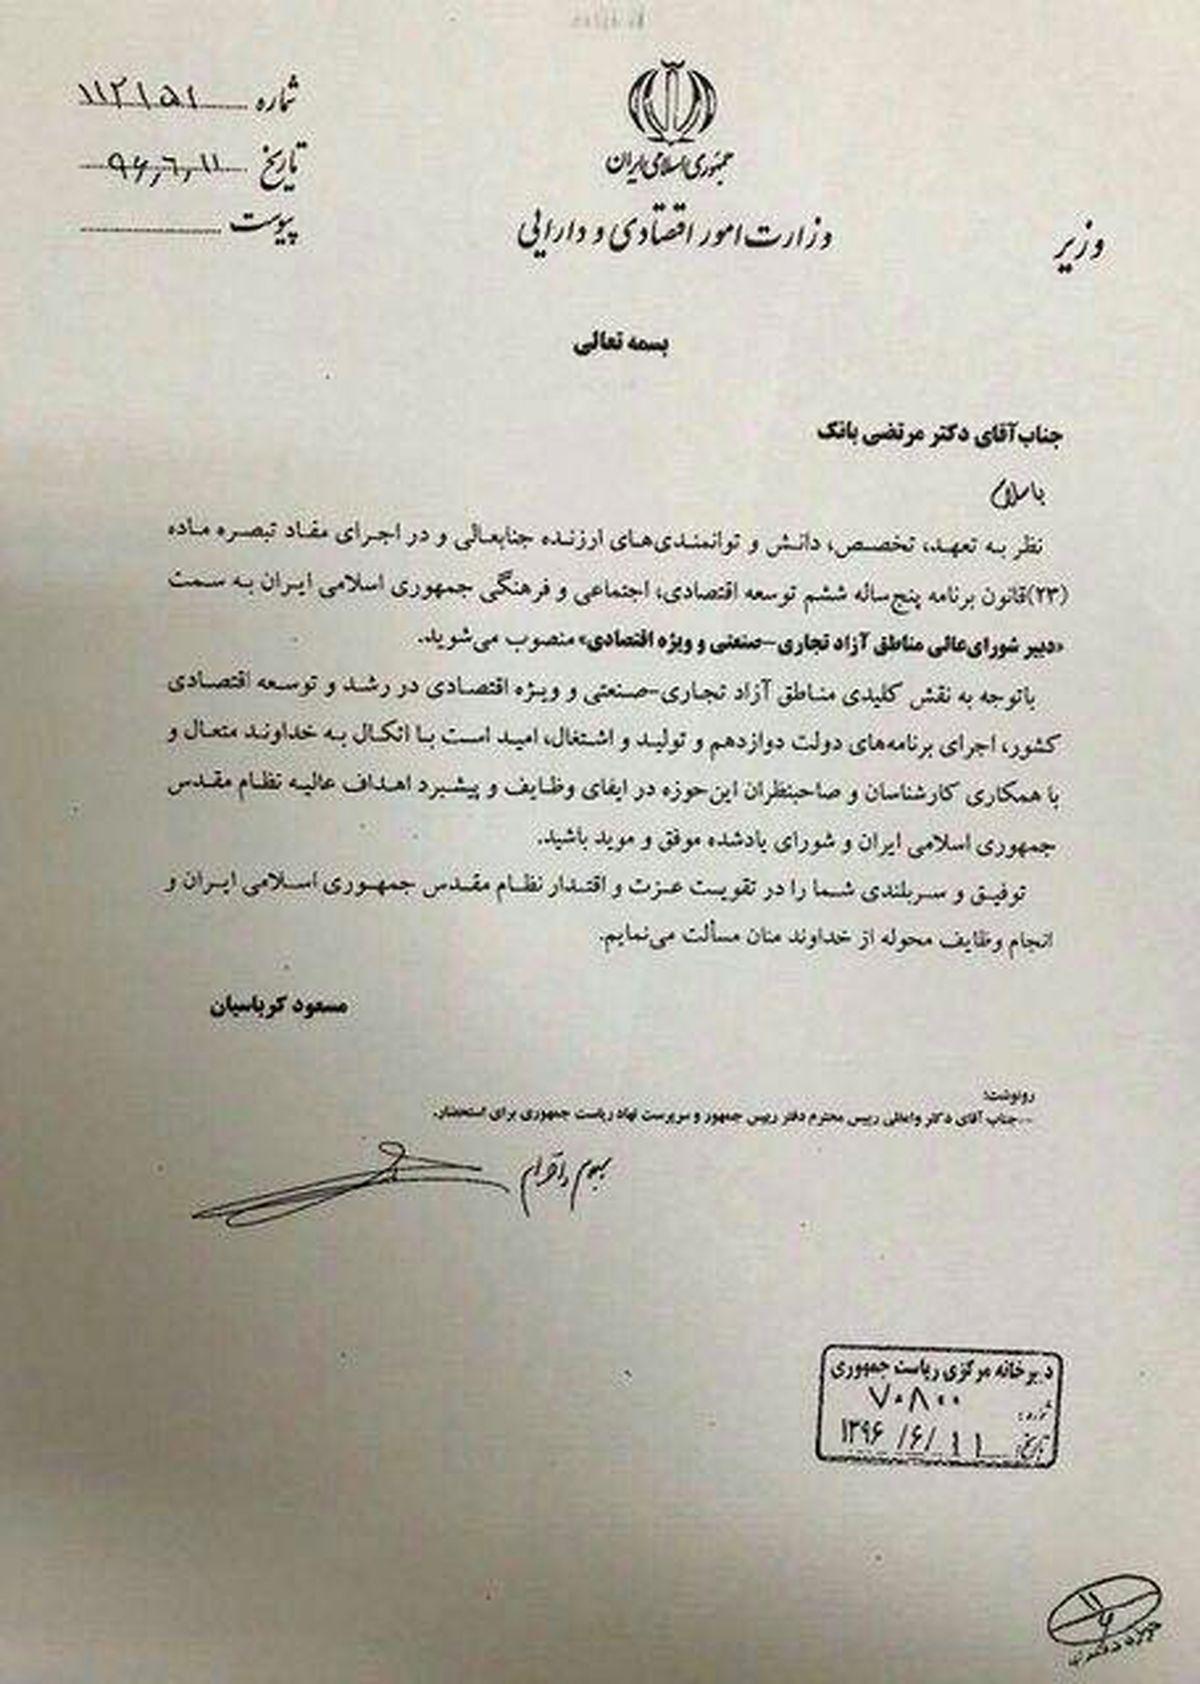 صدور حکم انتصاب دبیر شورای عالی مناطق آزاد +عکس